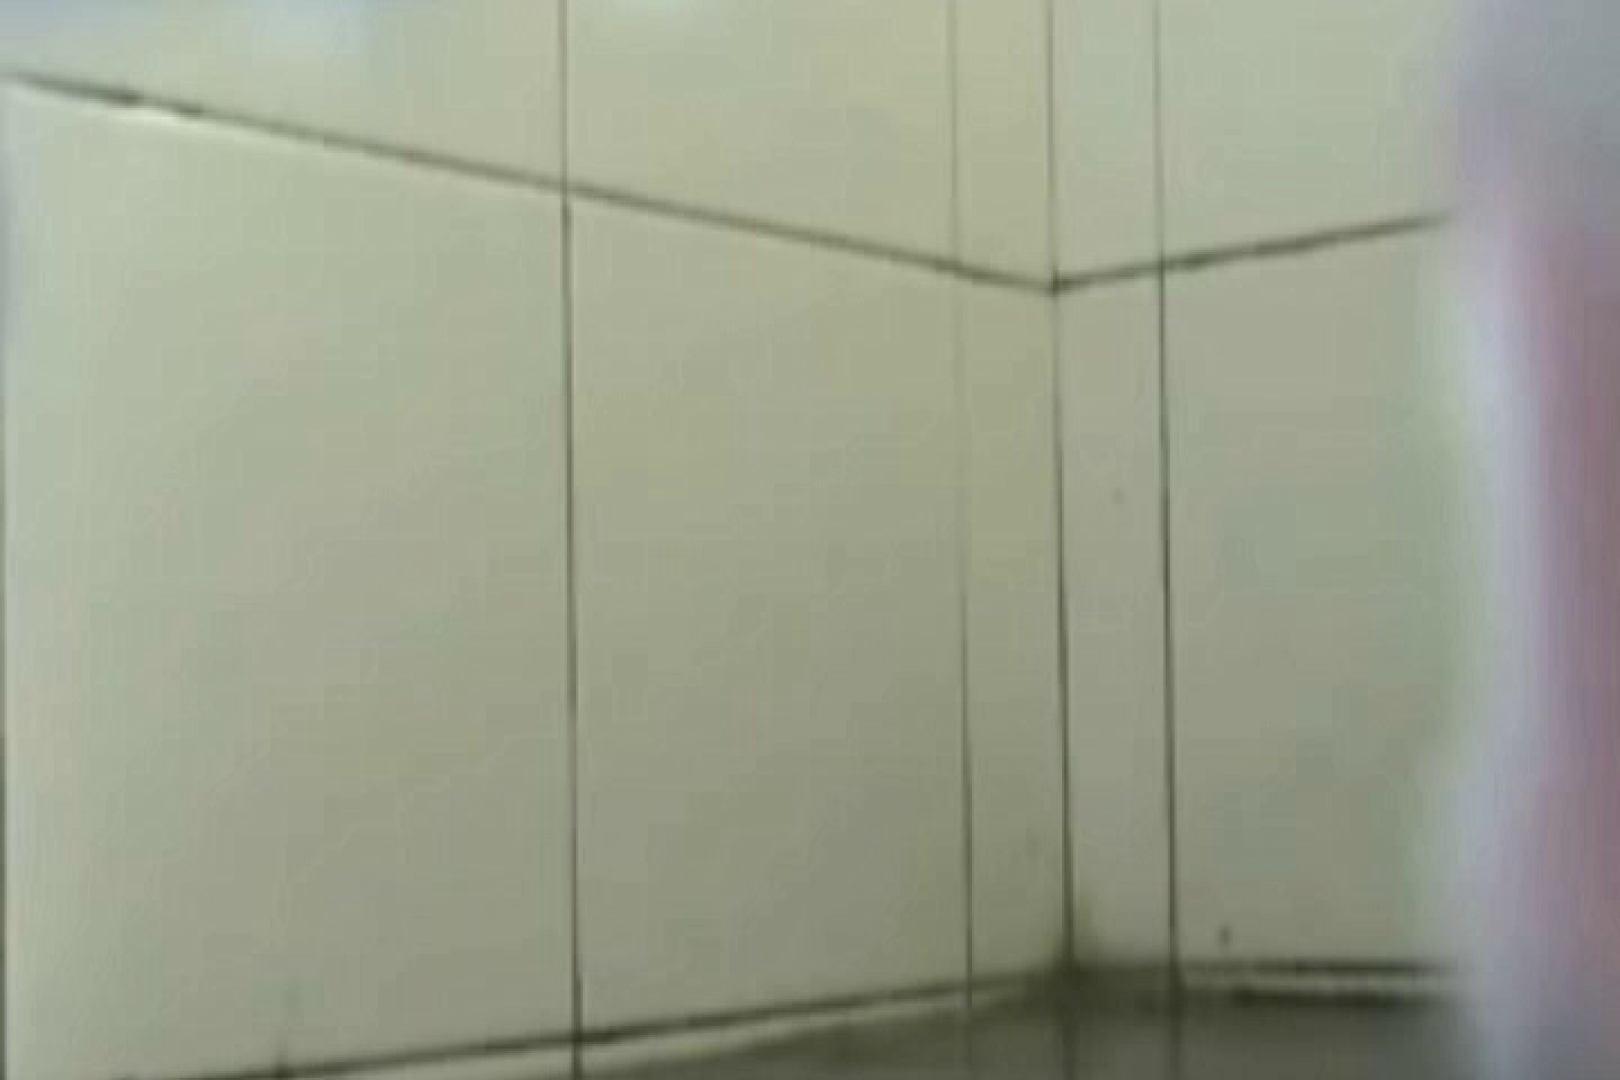 ぼっとん洗面所スペシャルVol.13 おまんこ オマンコ無修正動画無料 83pic 59